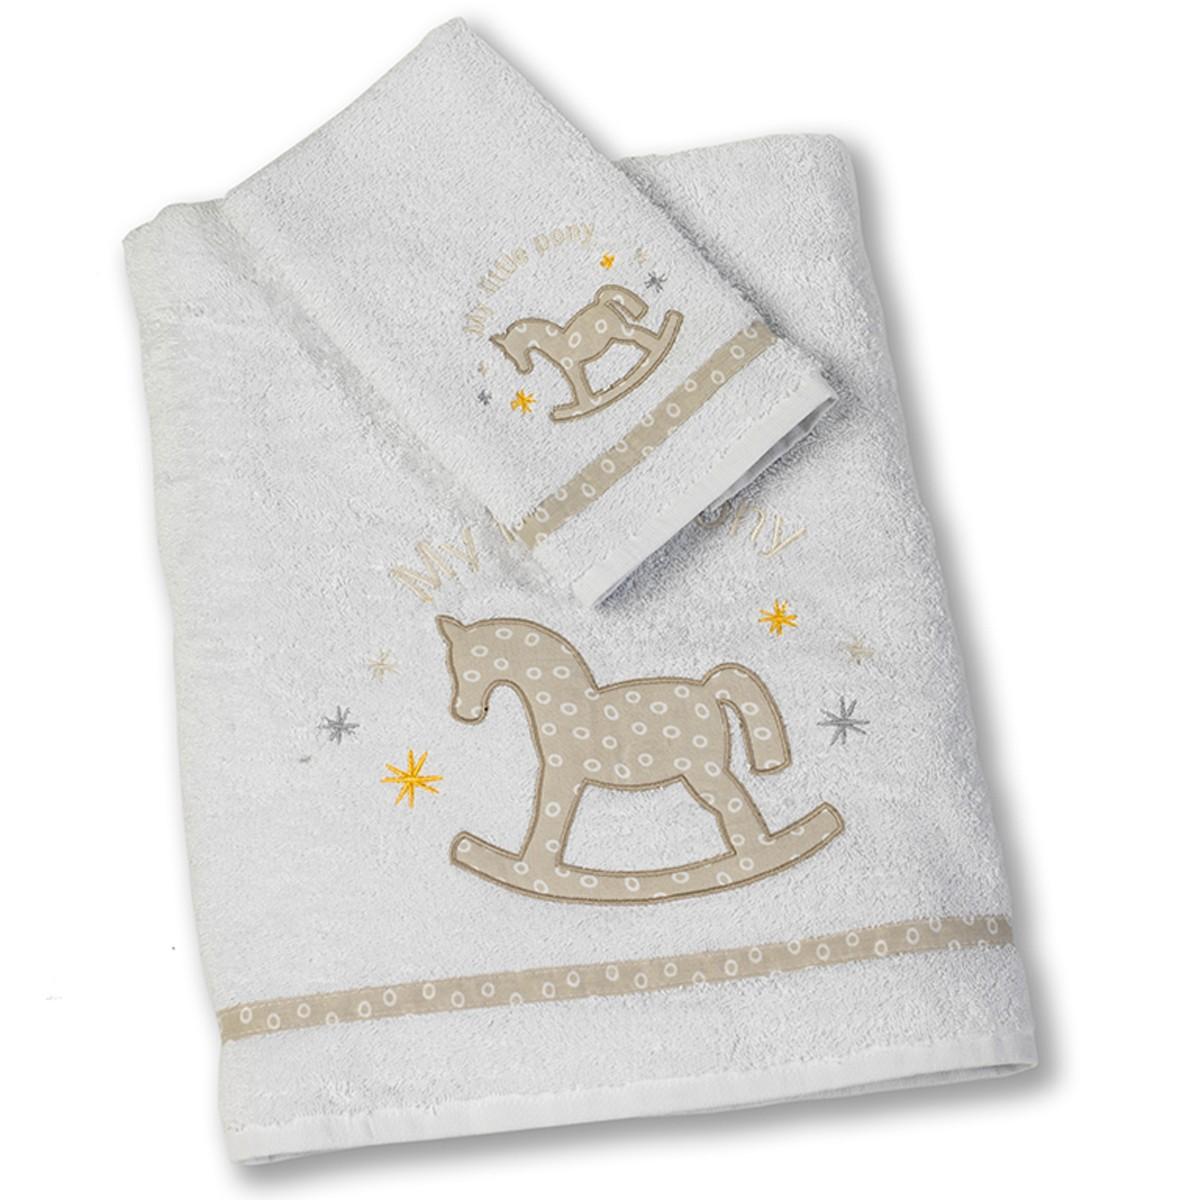 Βρεφικές Πετσέτες (Σετ 2τμχ) Nima Pony Beige